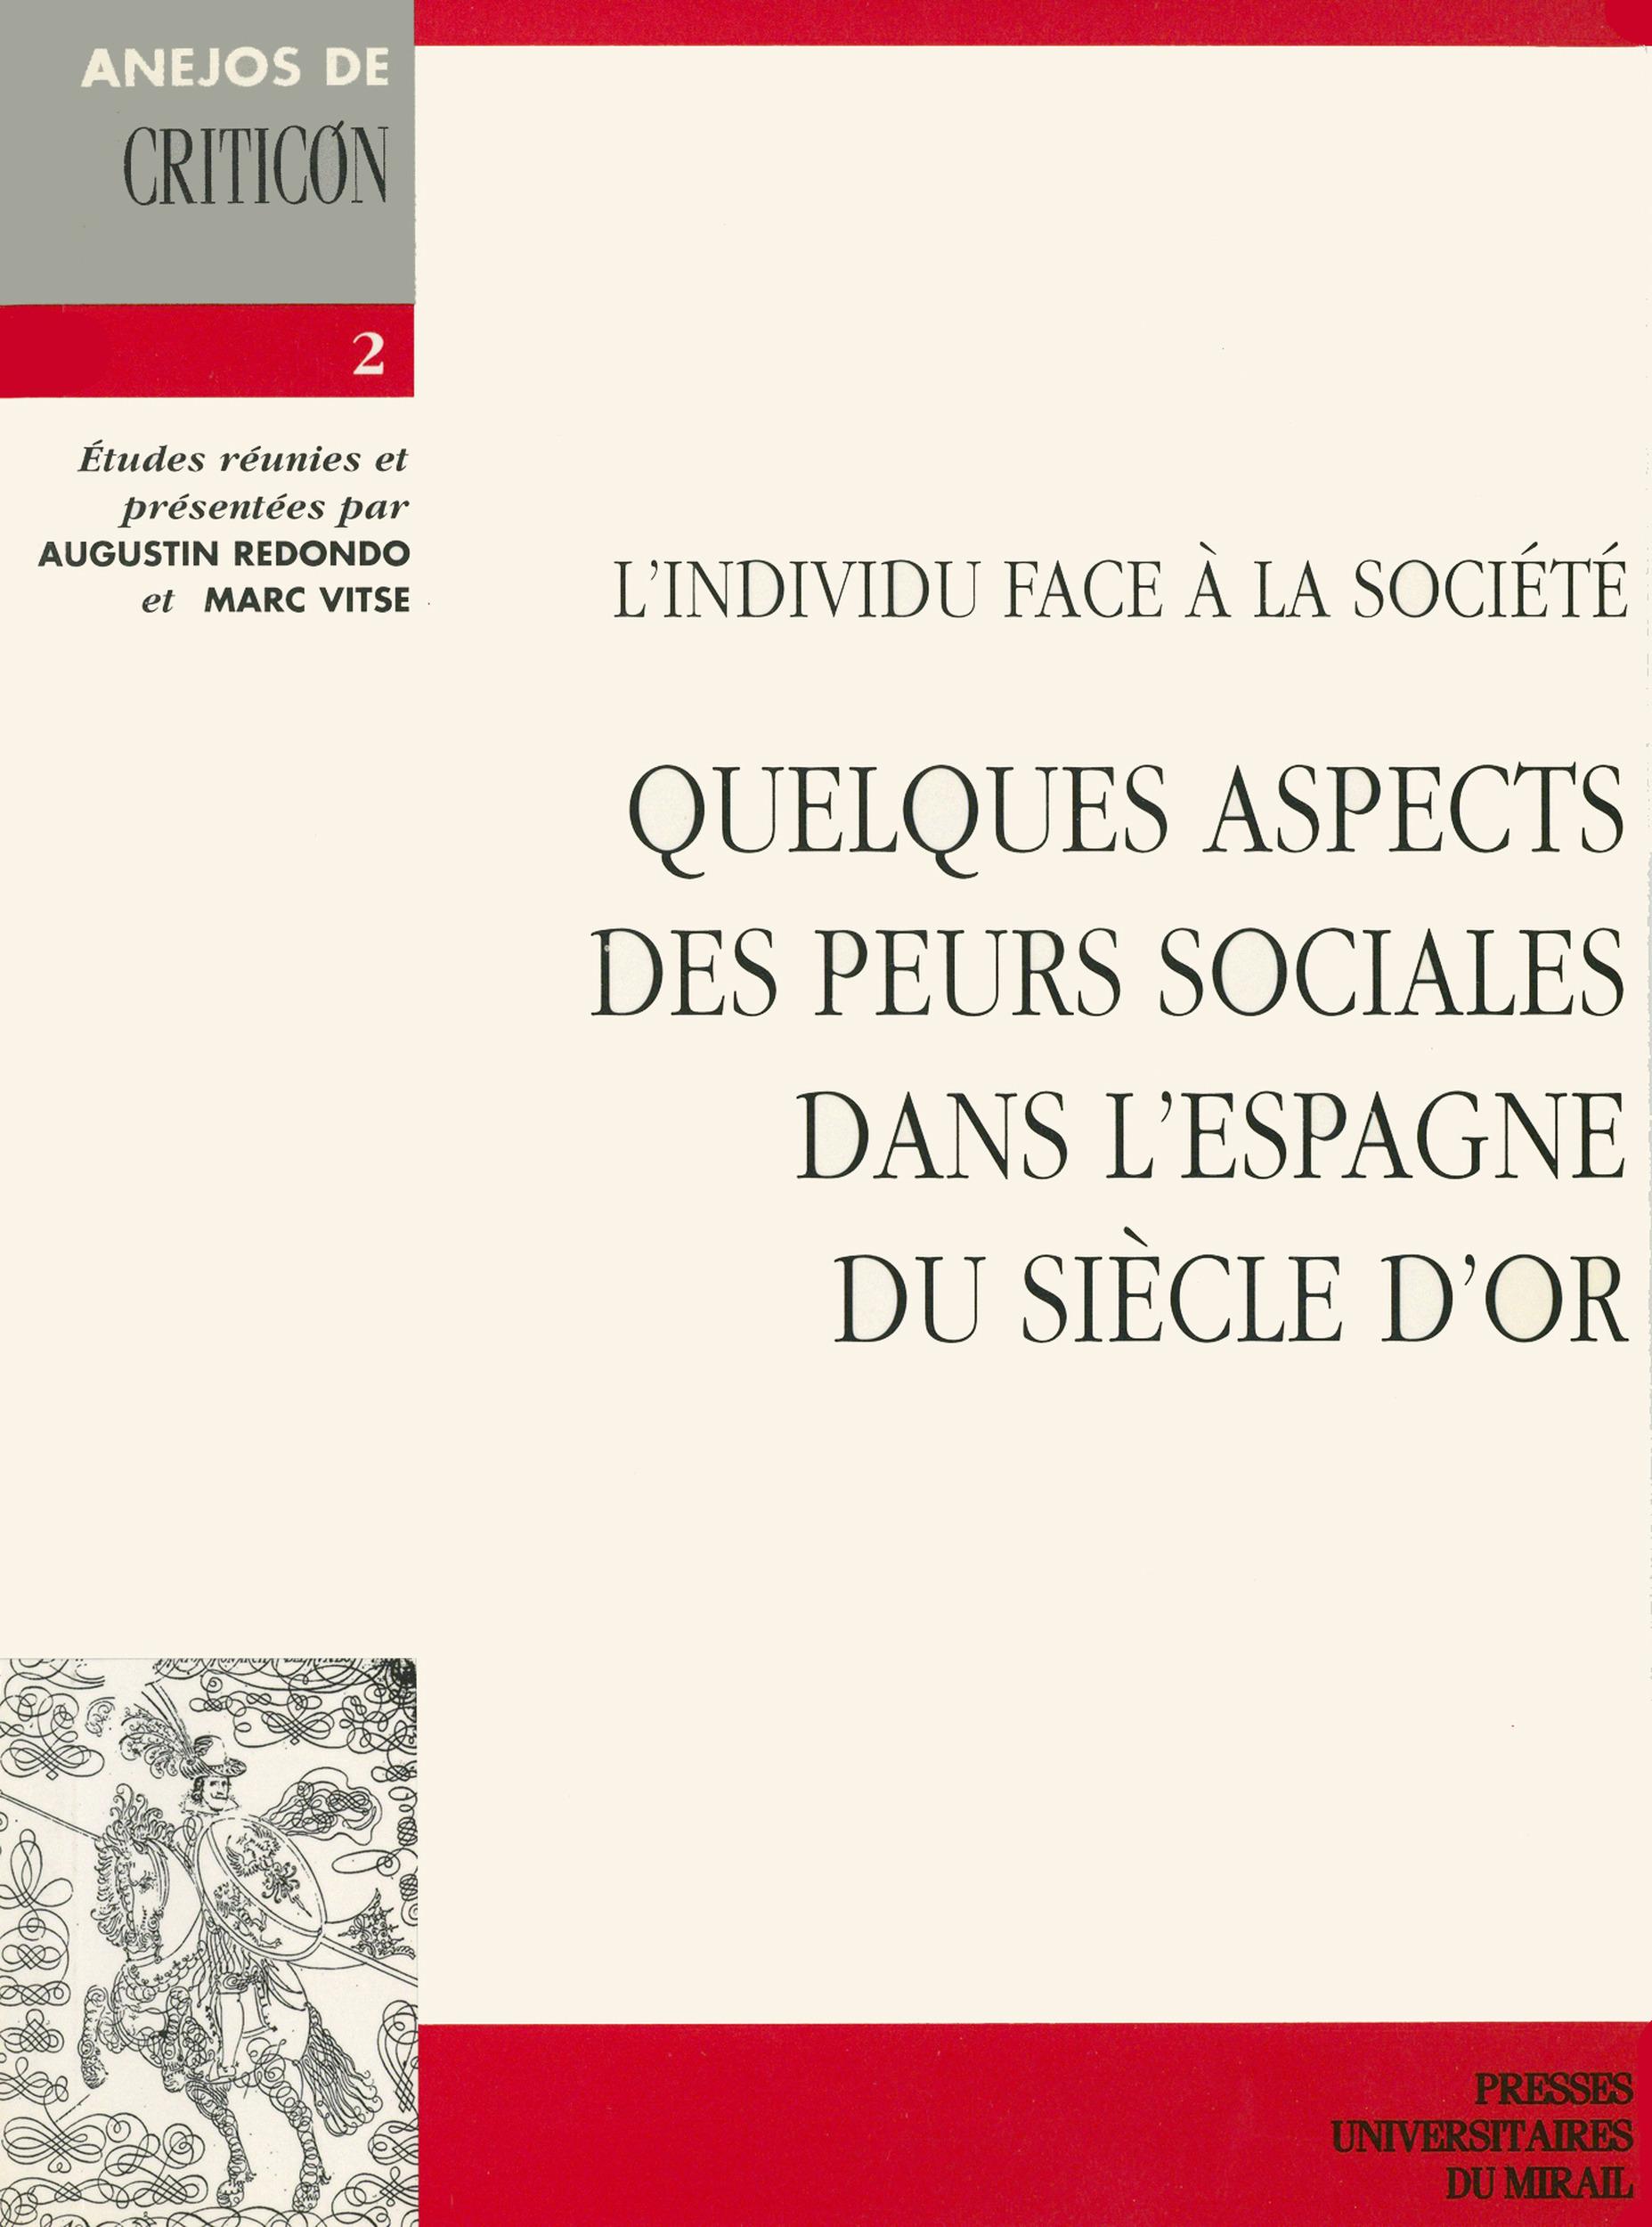 L´individu face à la société  - Marc Vitse  - Augustin Redondo